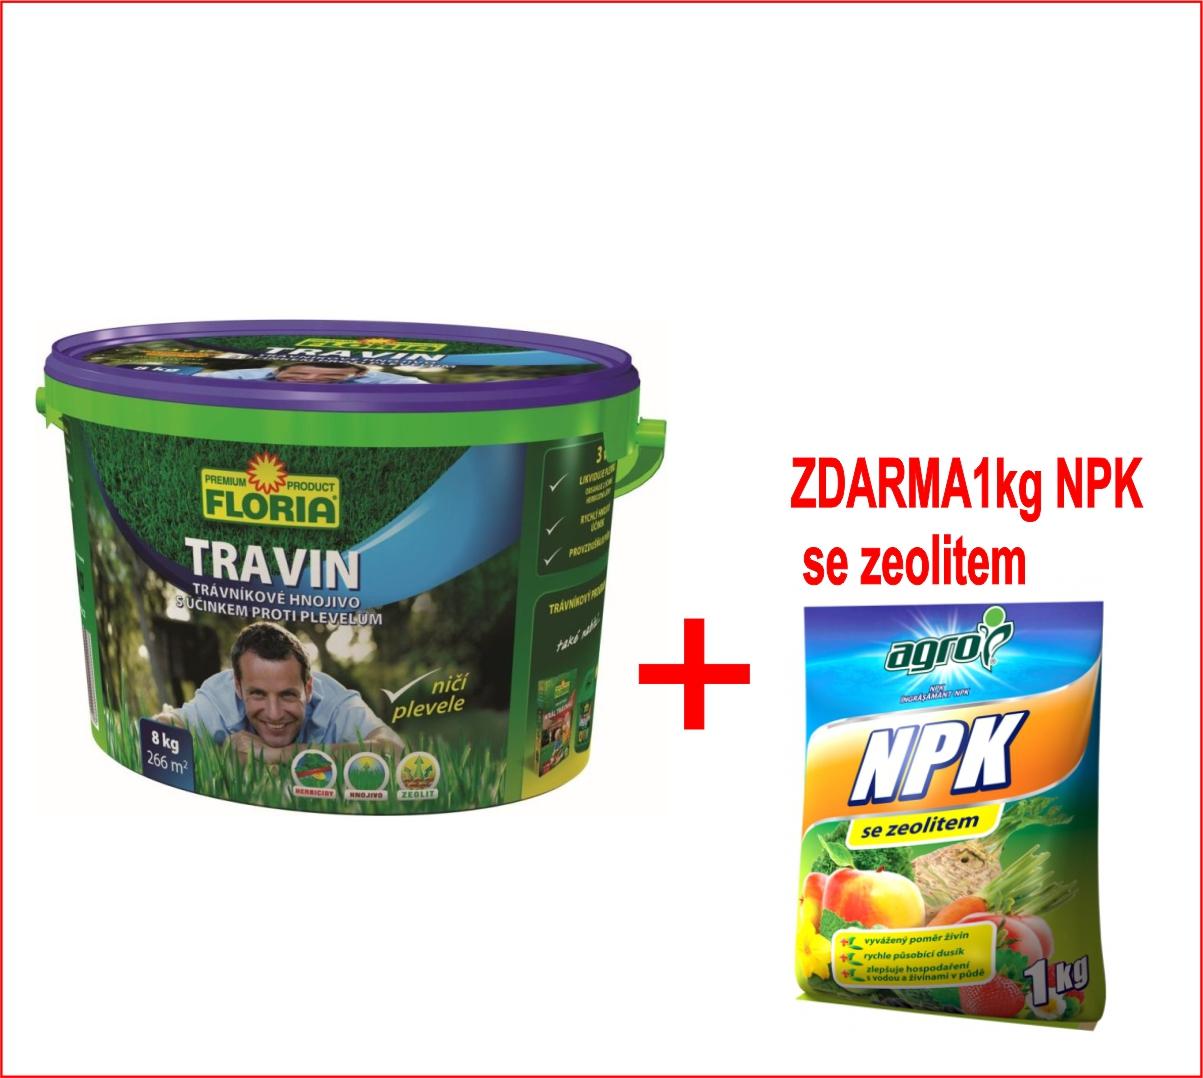 Hnojivo Agro KT Travin 8 kg + zdarma NPK 1kg pro celou zahradu